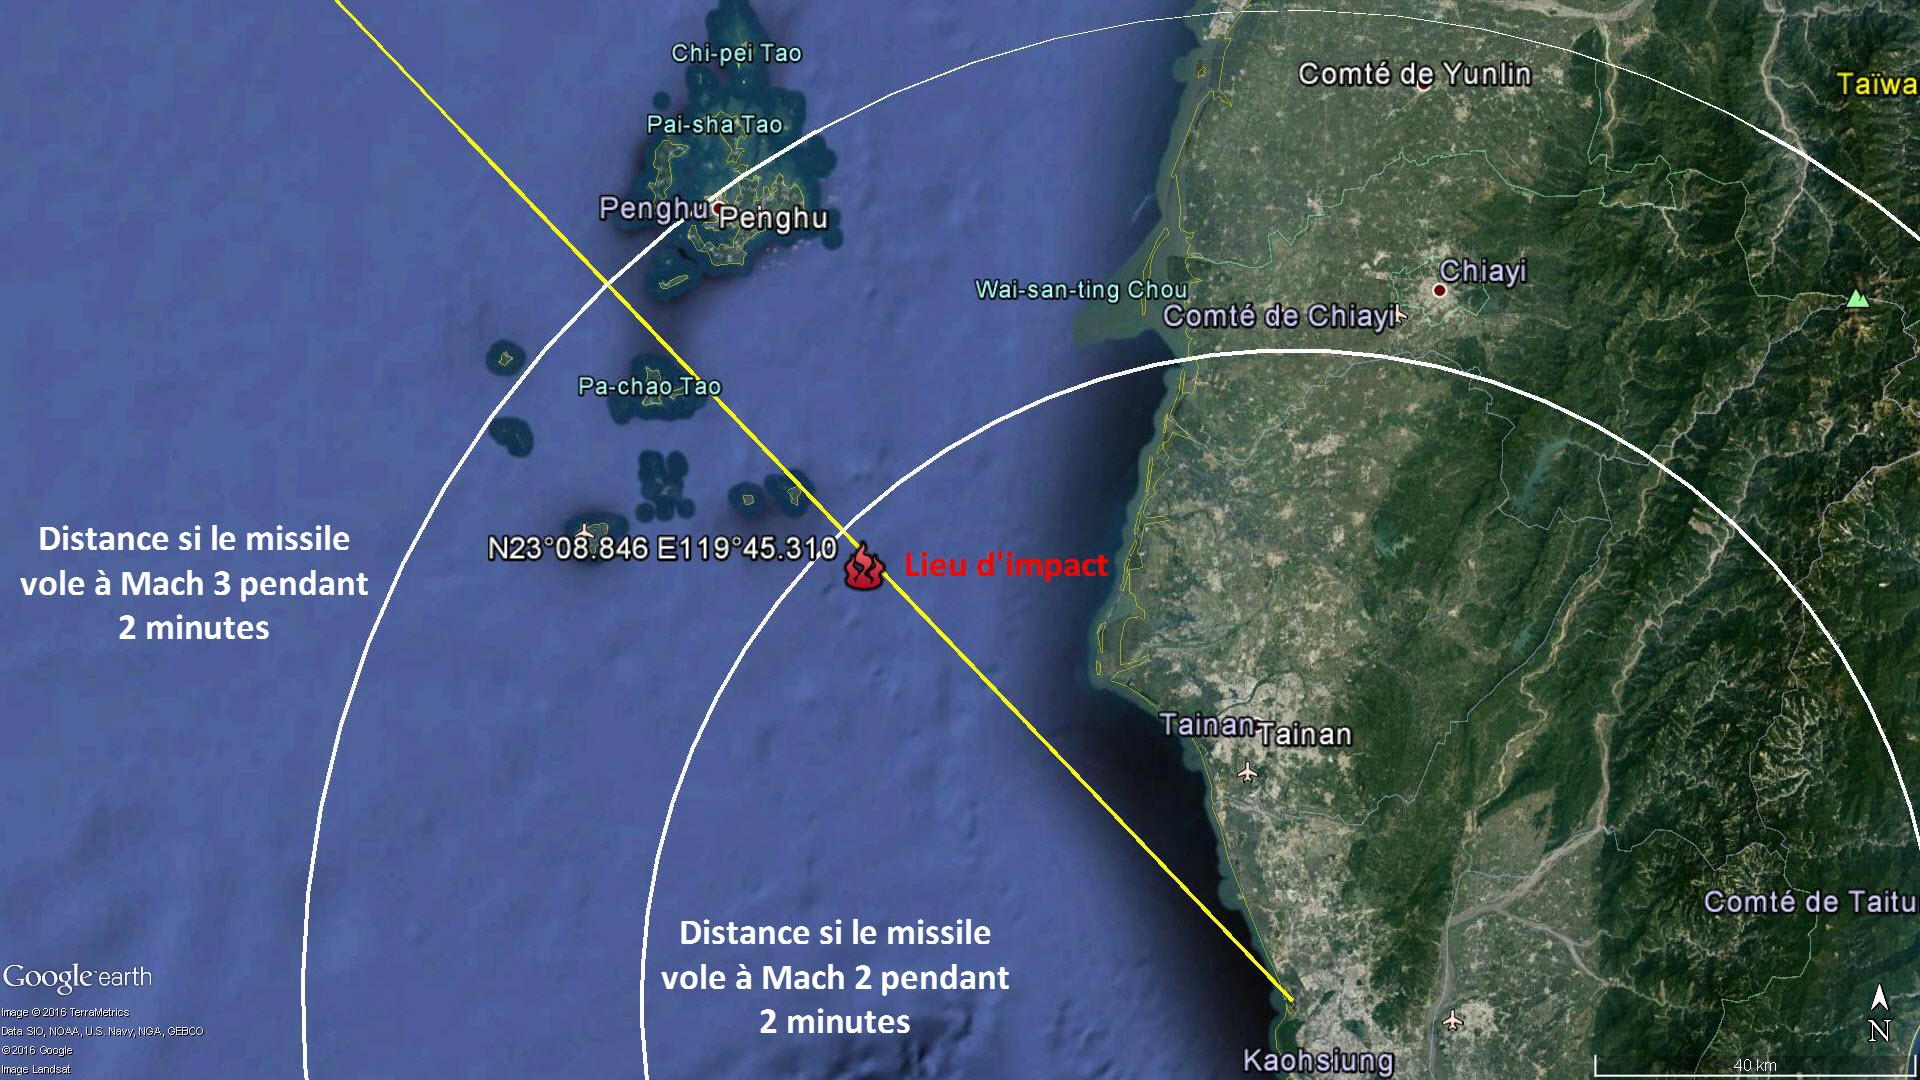 La trajectoire du tir et le lieu d'impact avec le bateau de pêche